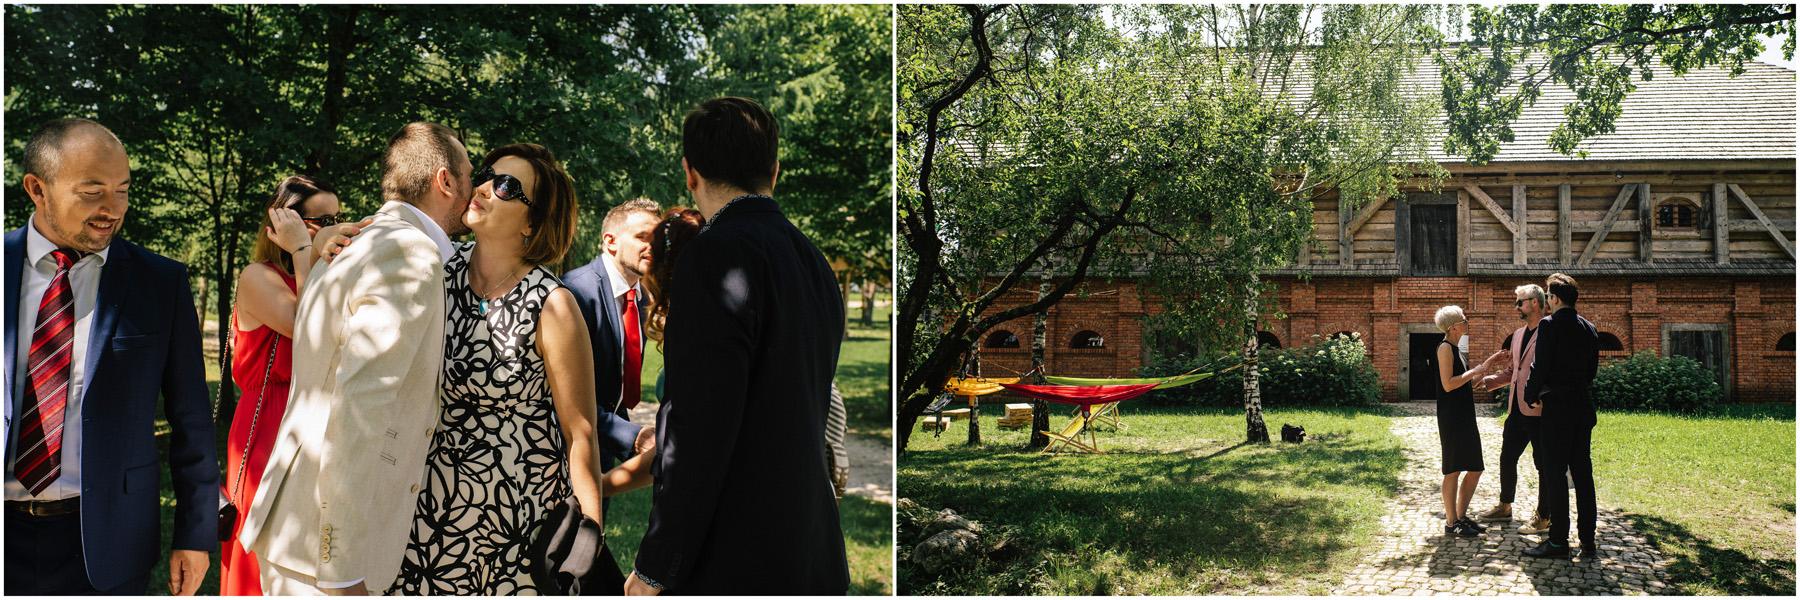 Kamila & Łukasz | ślub plenerowy w skansenie Muzeum Wsi Kieleckiej 25